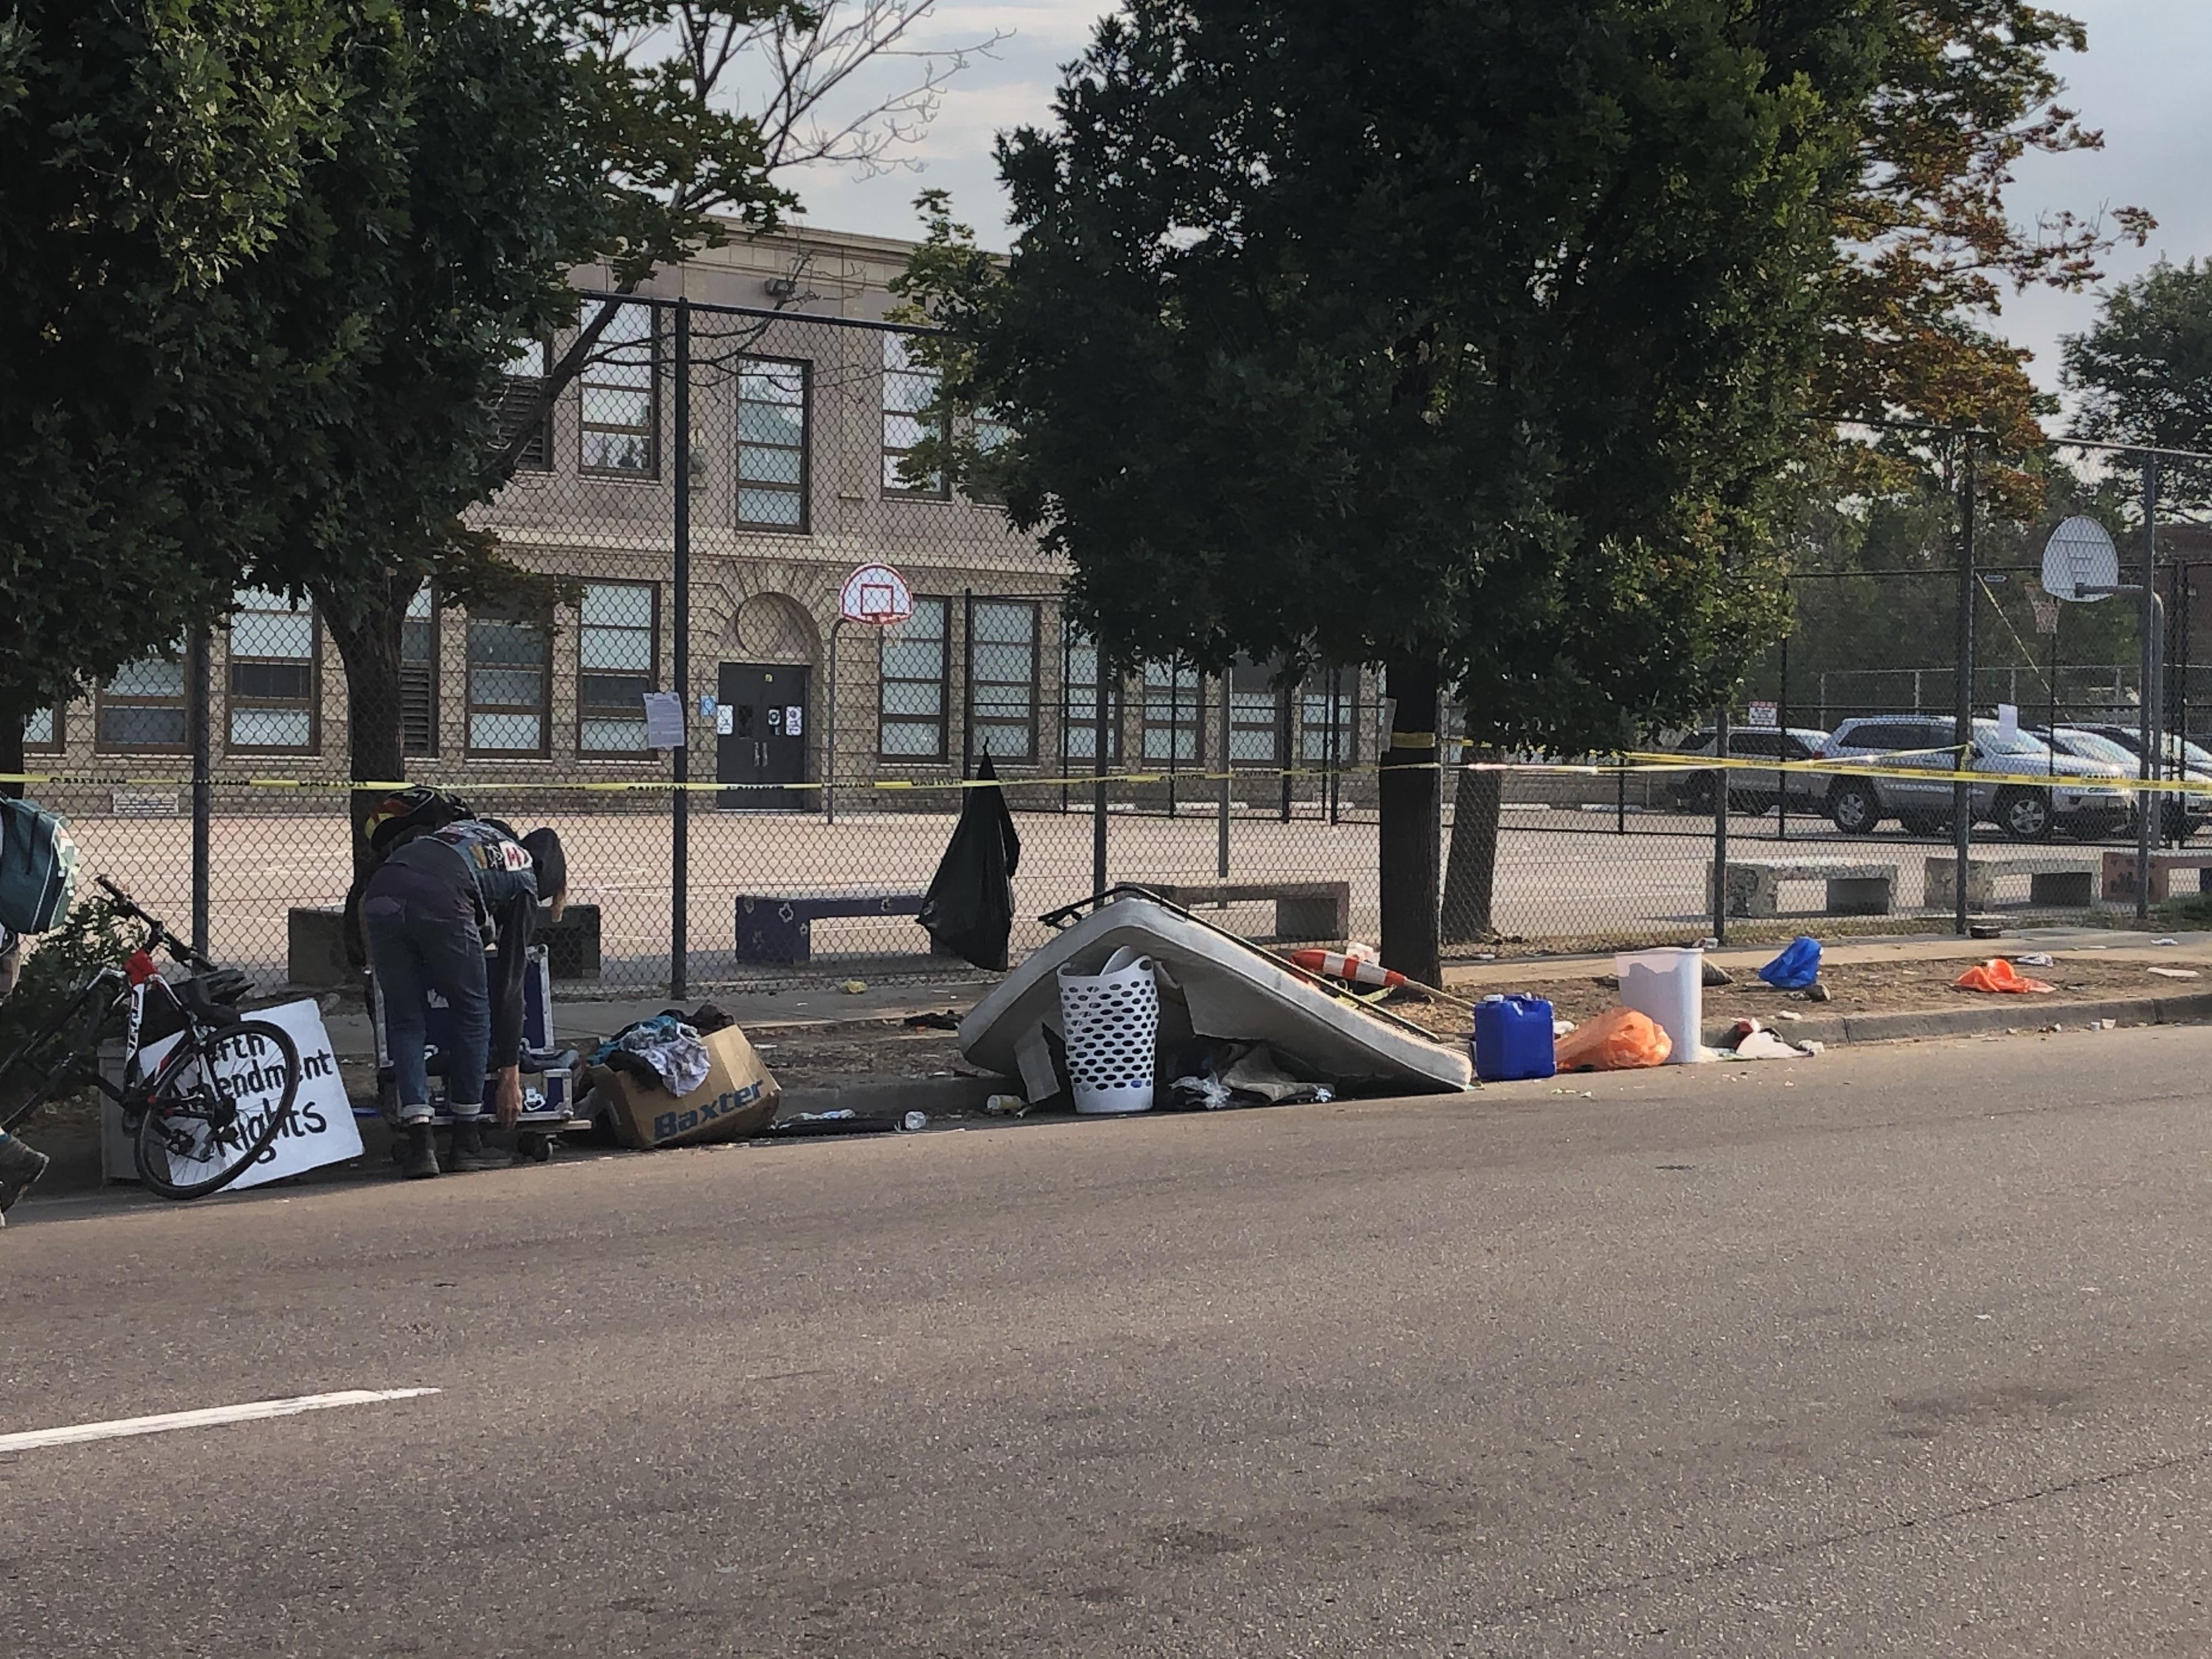 homeless camps in denver